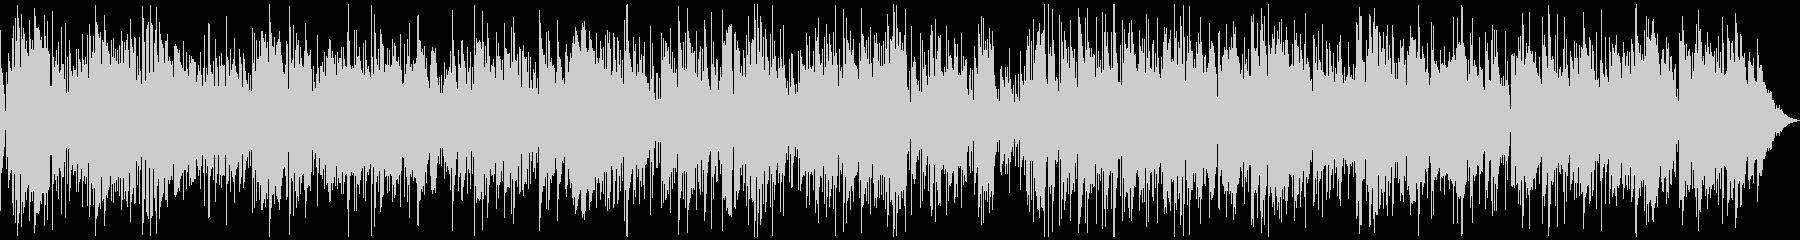 サックスとピアノの優しいボサノバの未再生の波形